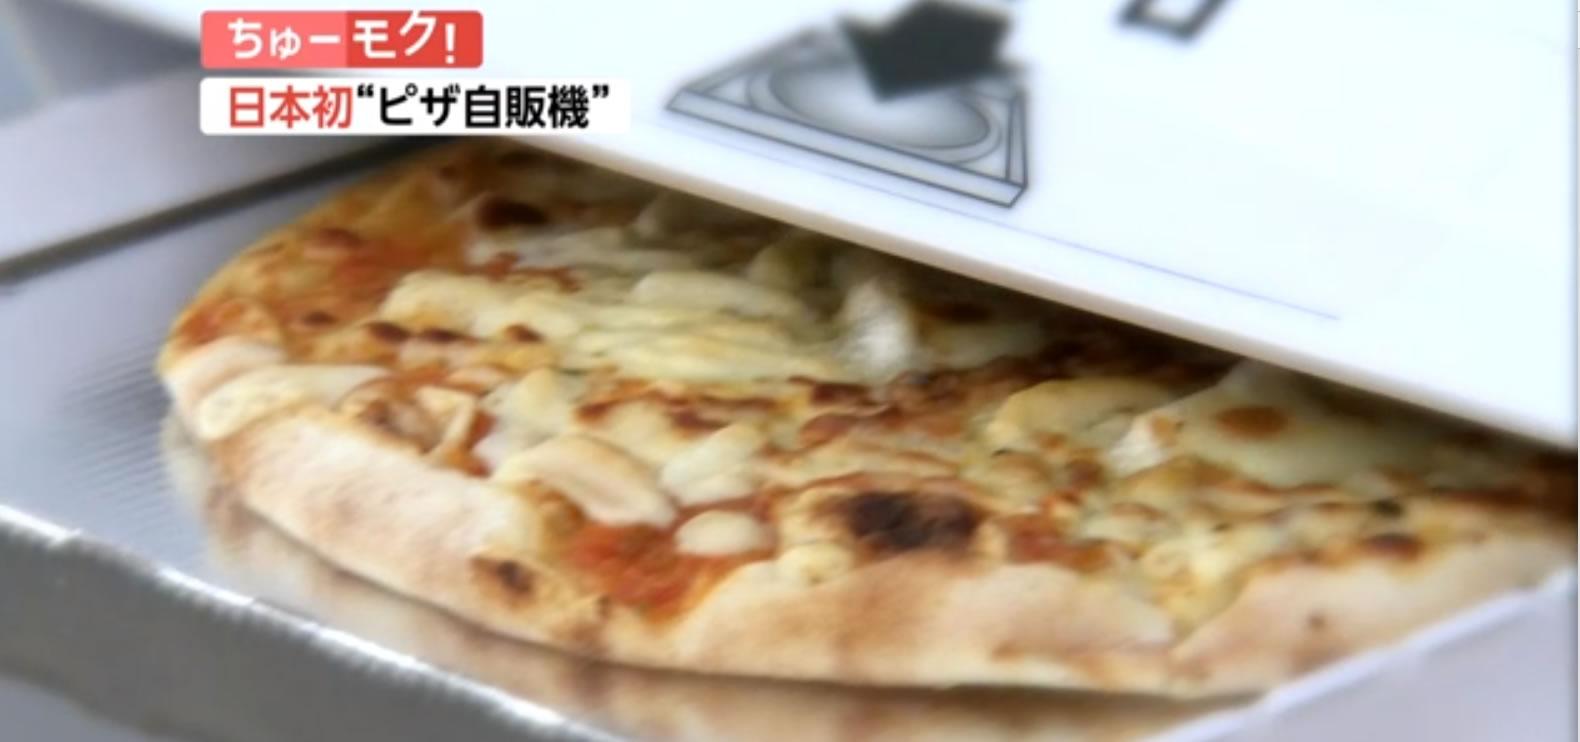 &nbspMáquina de venda automática que assa pizza na hora faz sucesso